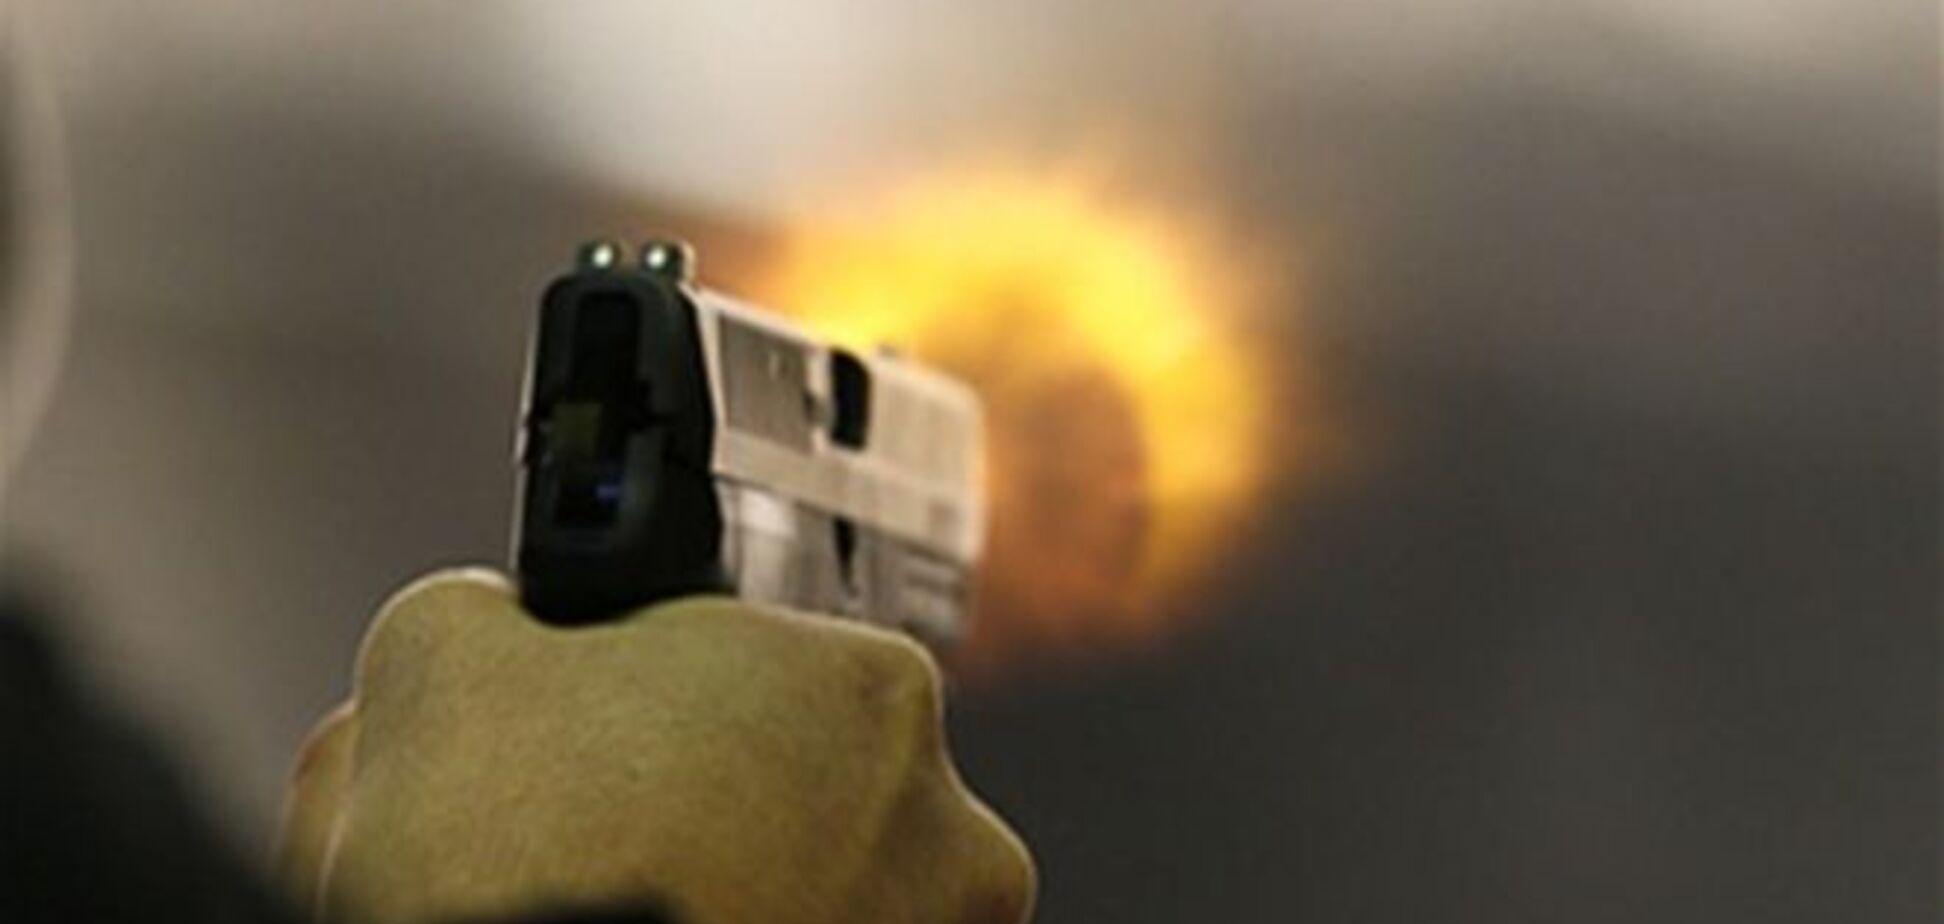 Ночью в баре Одессы один из клиентов начал стрелять: есть погибший и раненые